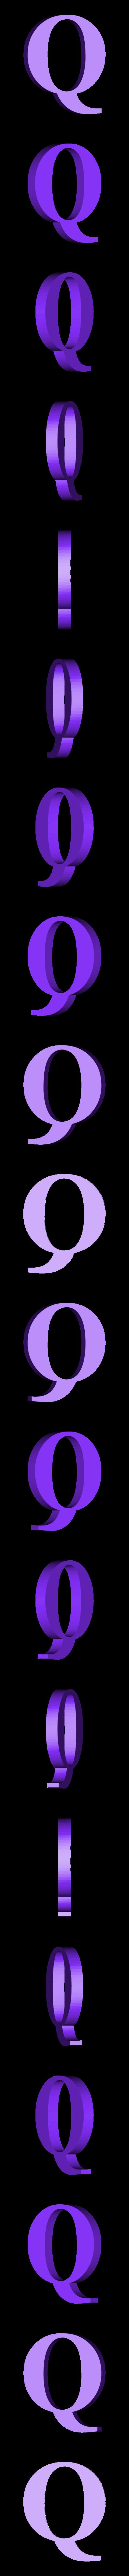 Q.STL Télécharger fichier STL gratuit alphabet • Modèle pour imprimante 3D, Cerega